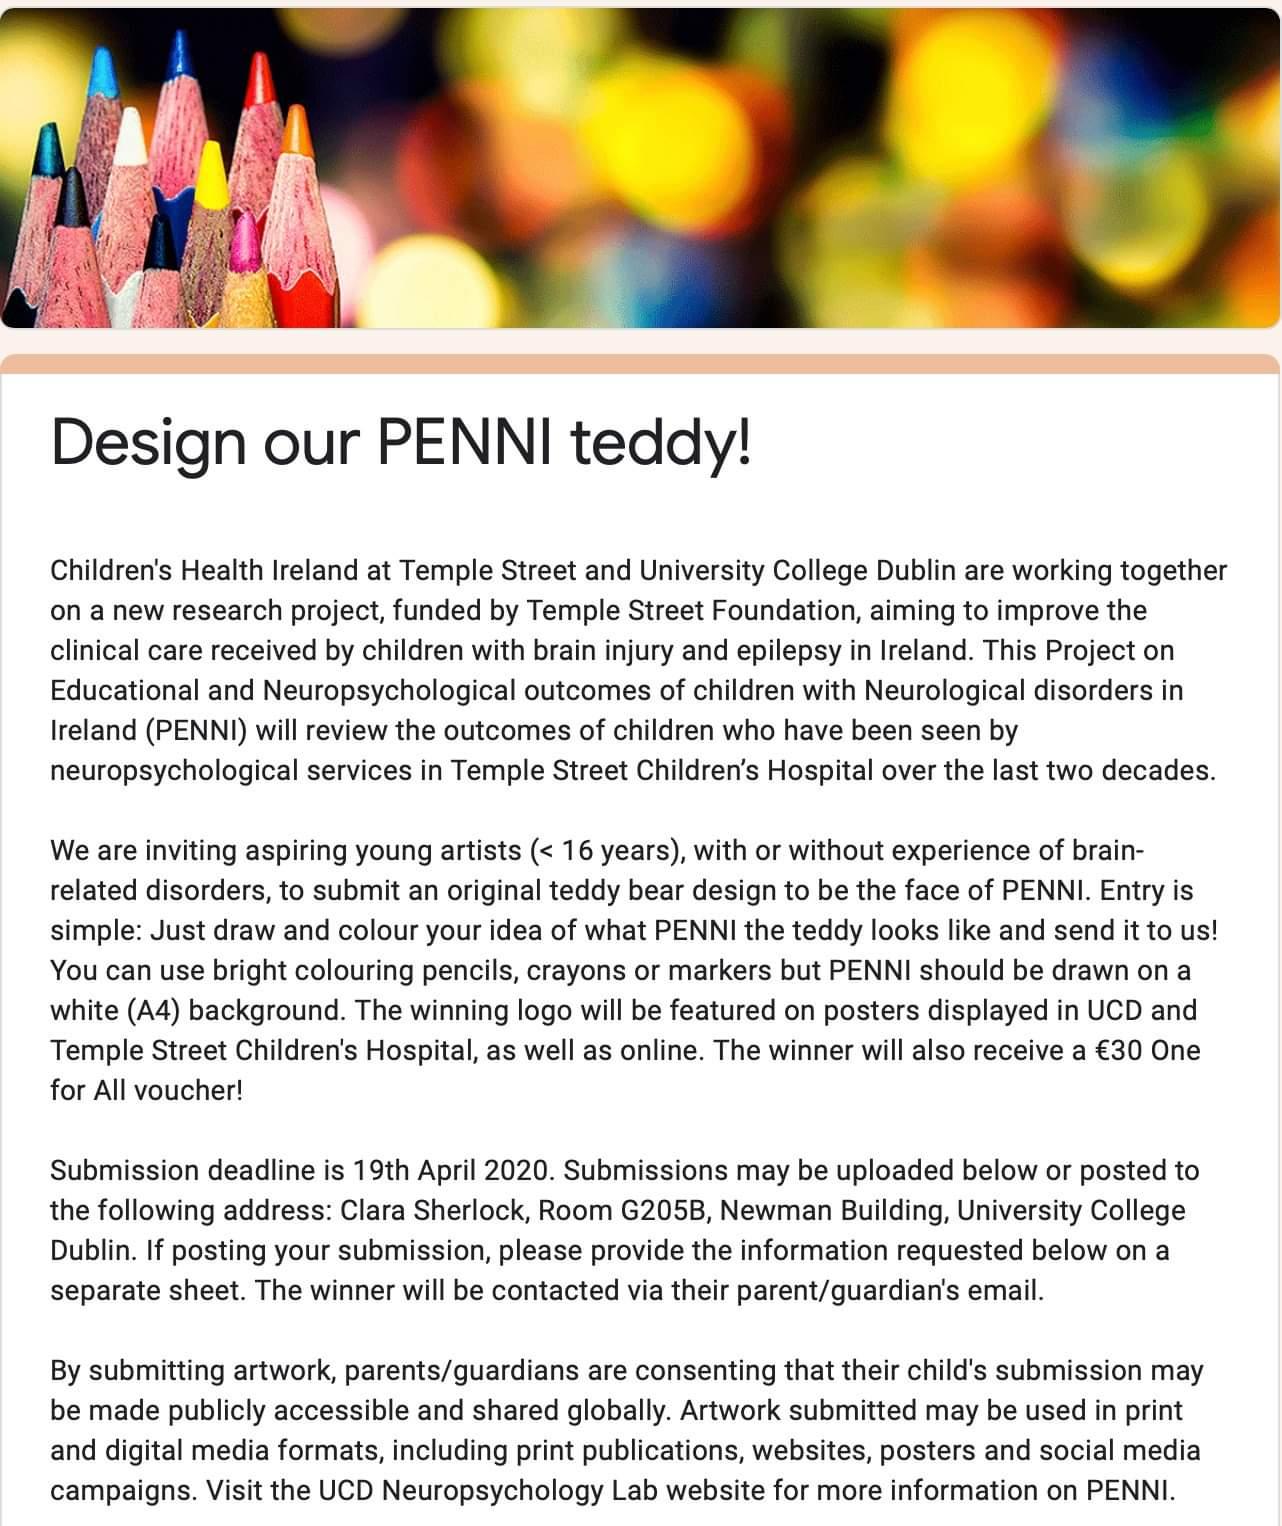 design-a-penni-teddy